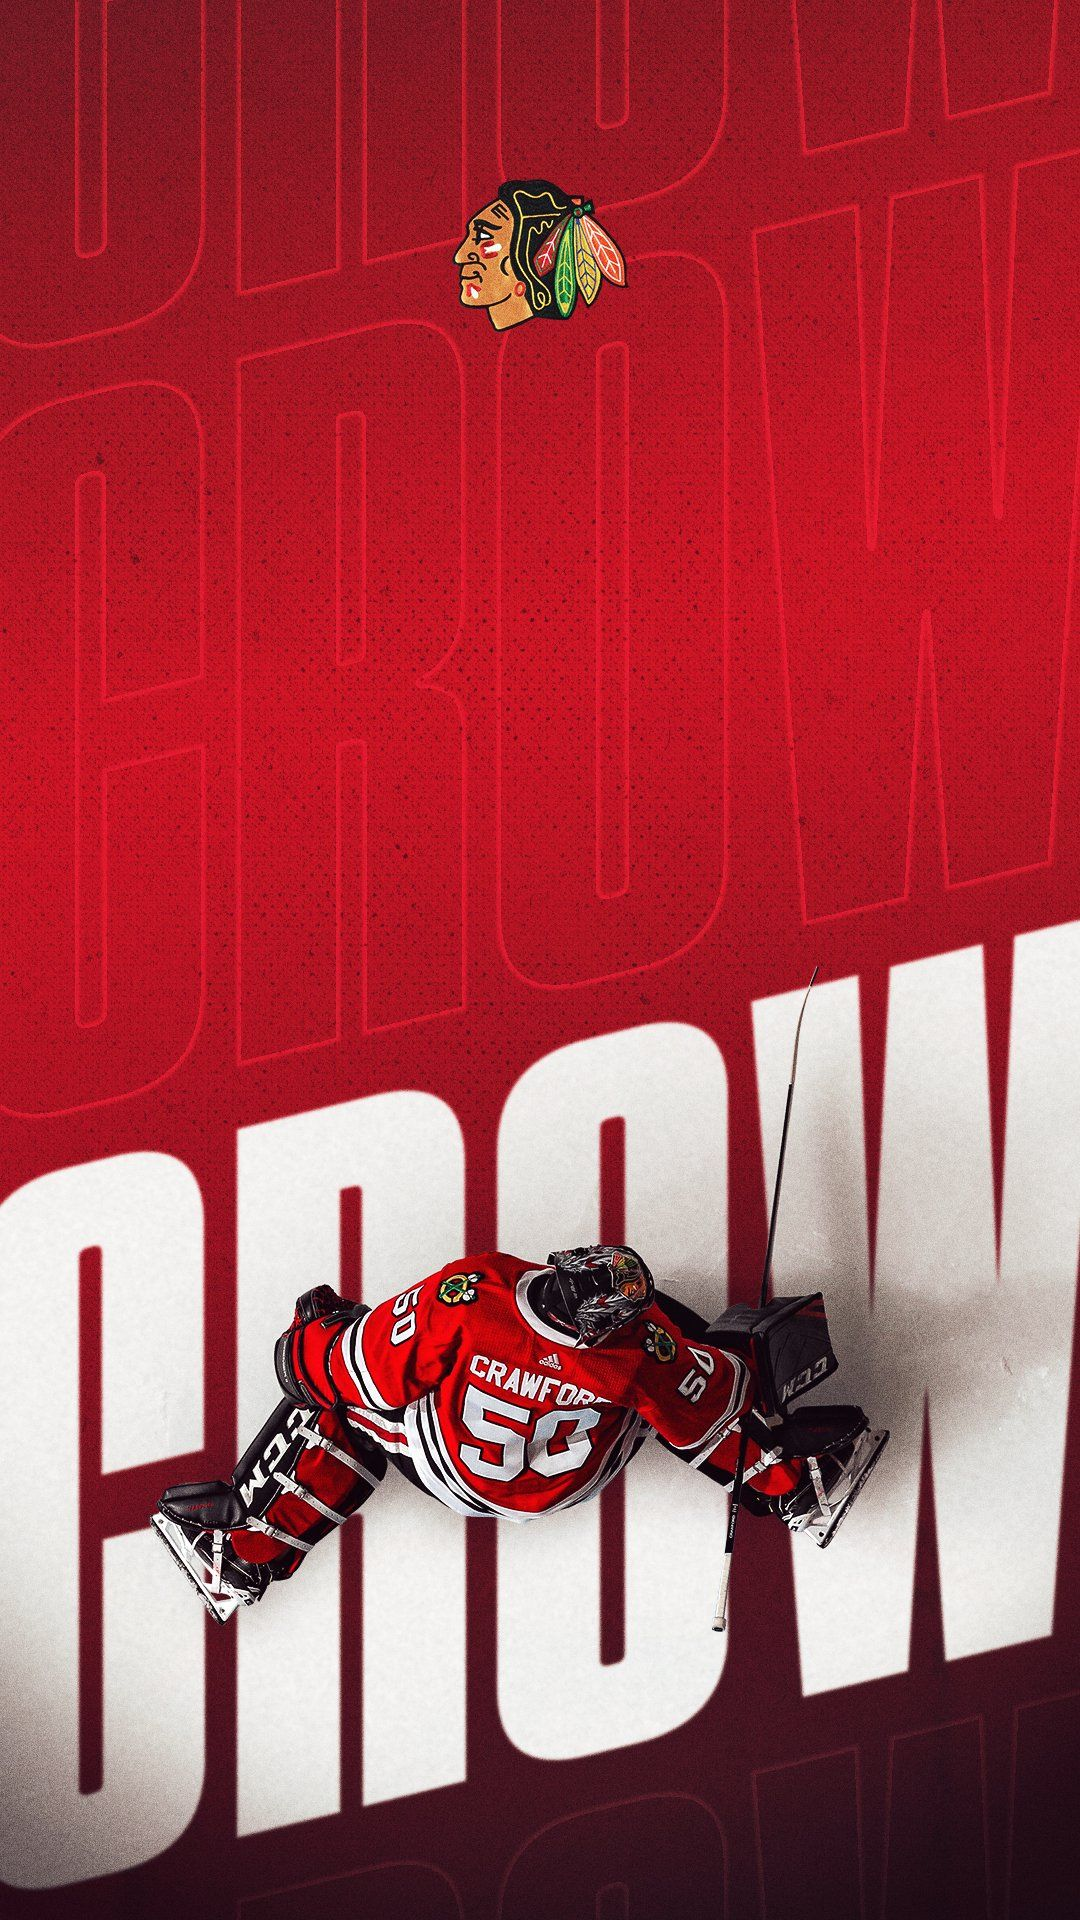 Chicago Blackhawks On Twitter Chicago Blackhawks Wallpaper Chicago Blackhawks Hockey Chicago Blackhawks